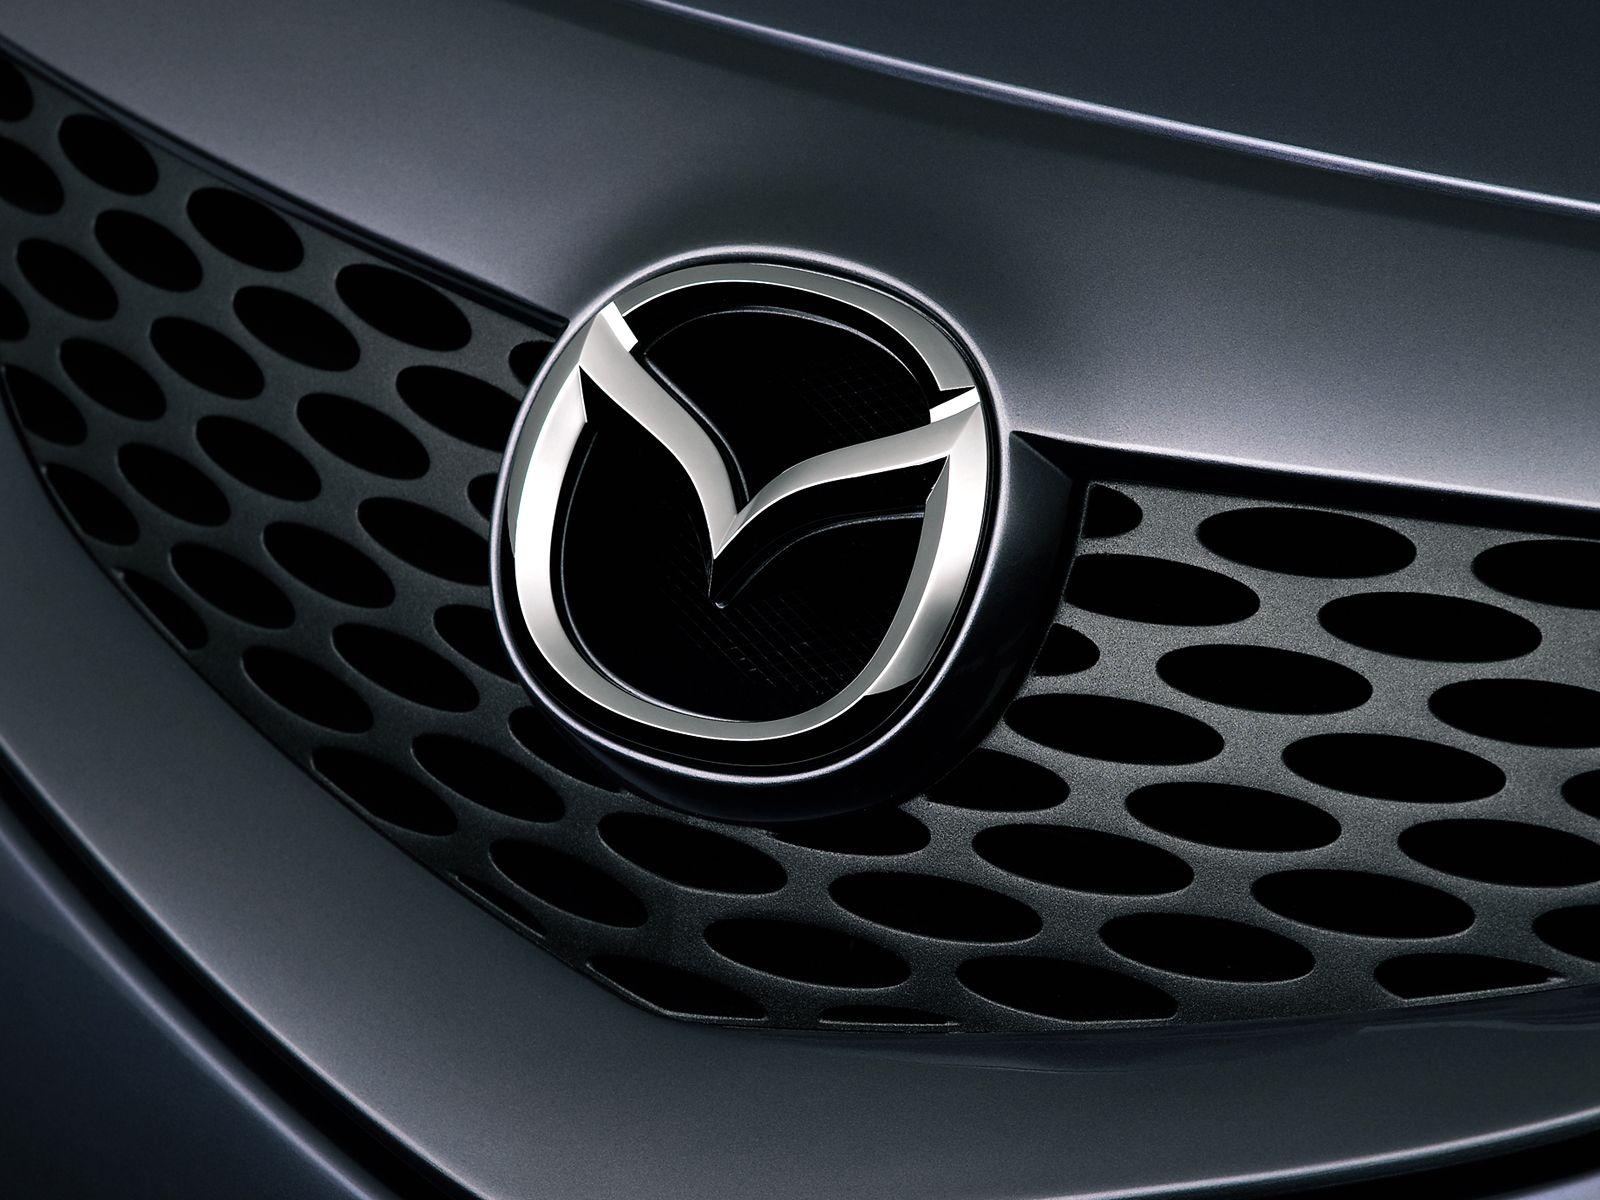 лучше красивые картинки с логотипами машин плащ, теплый